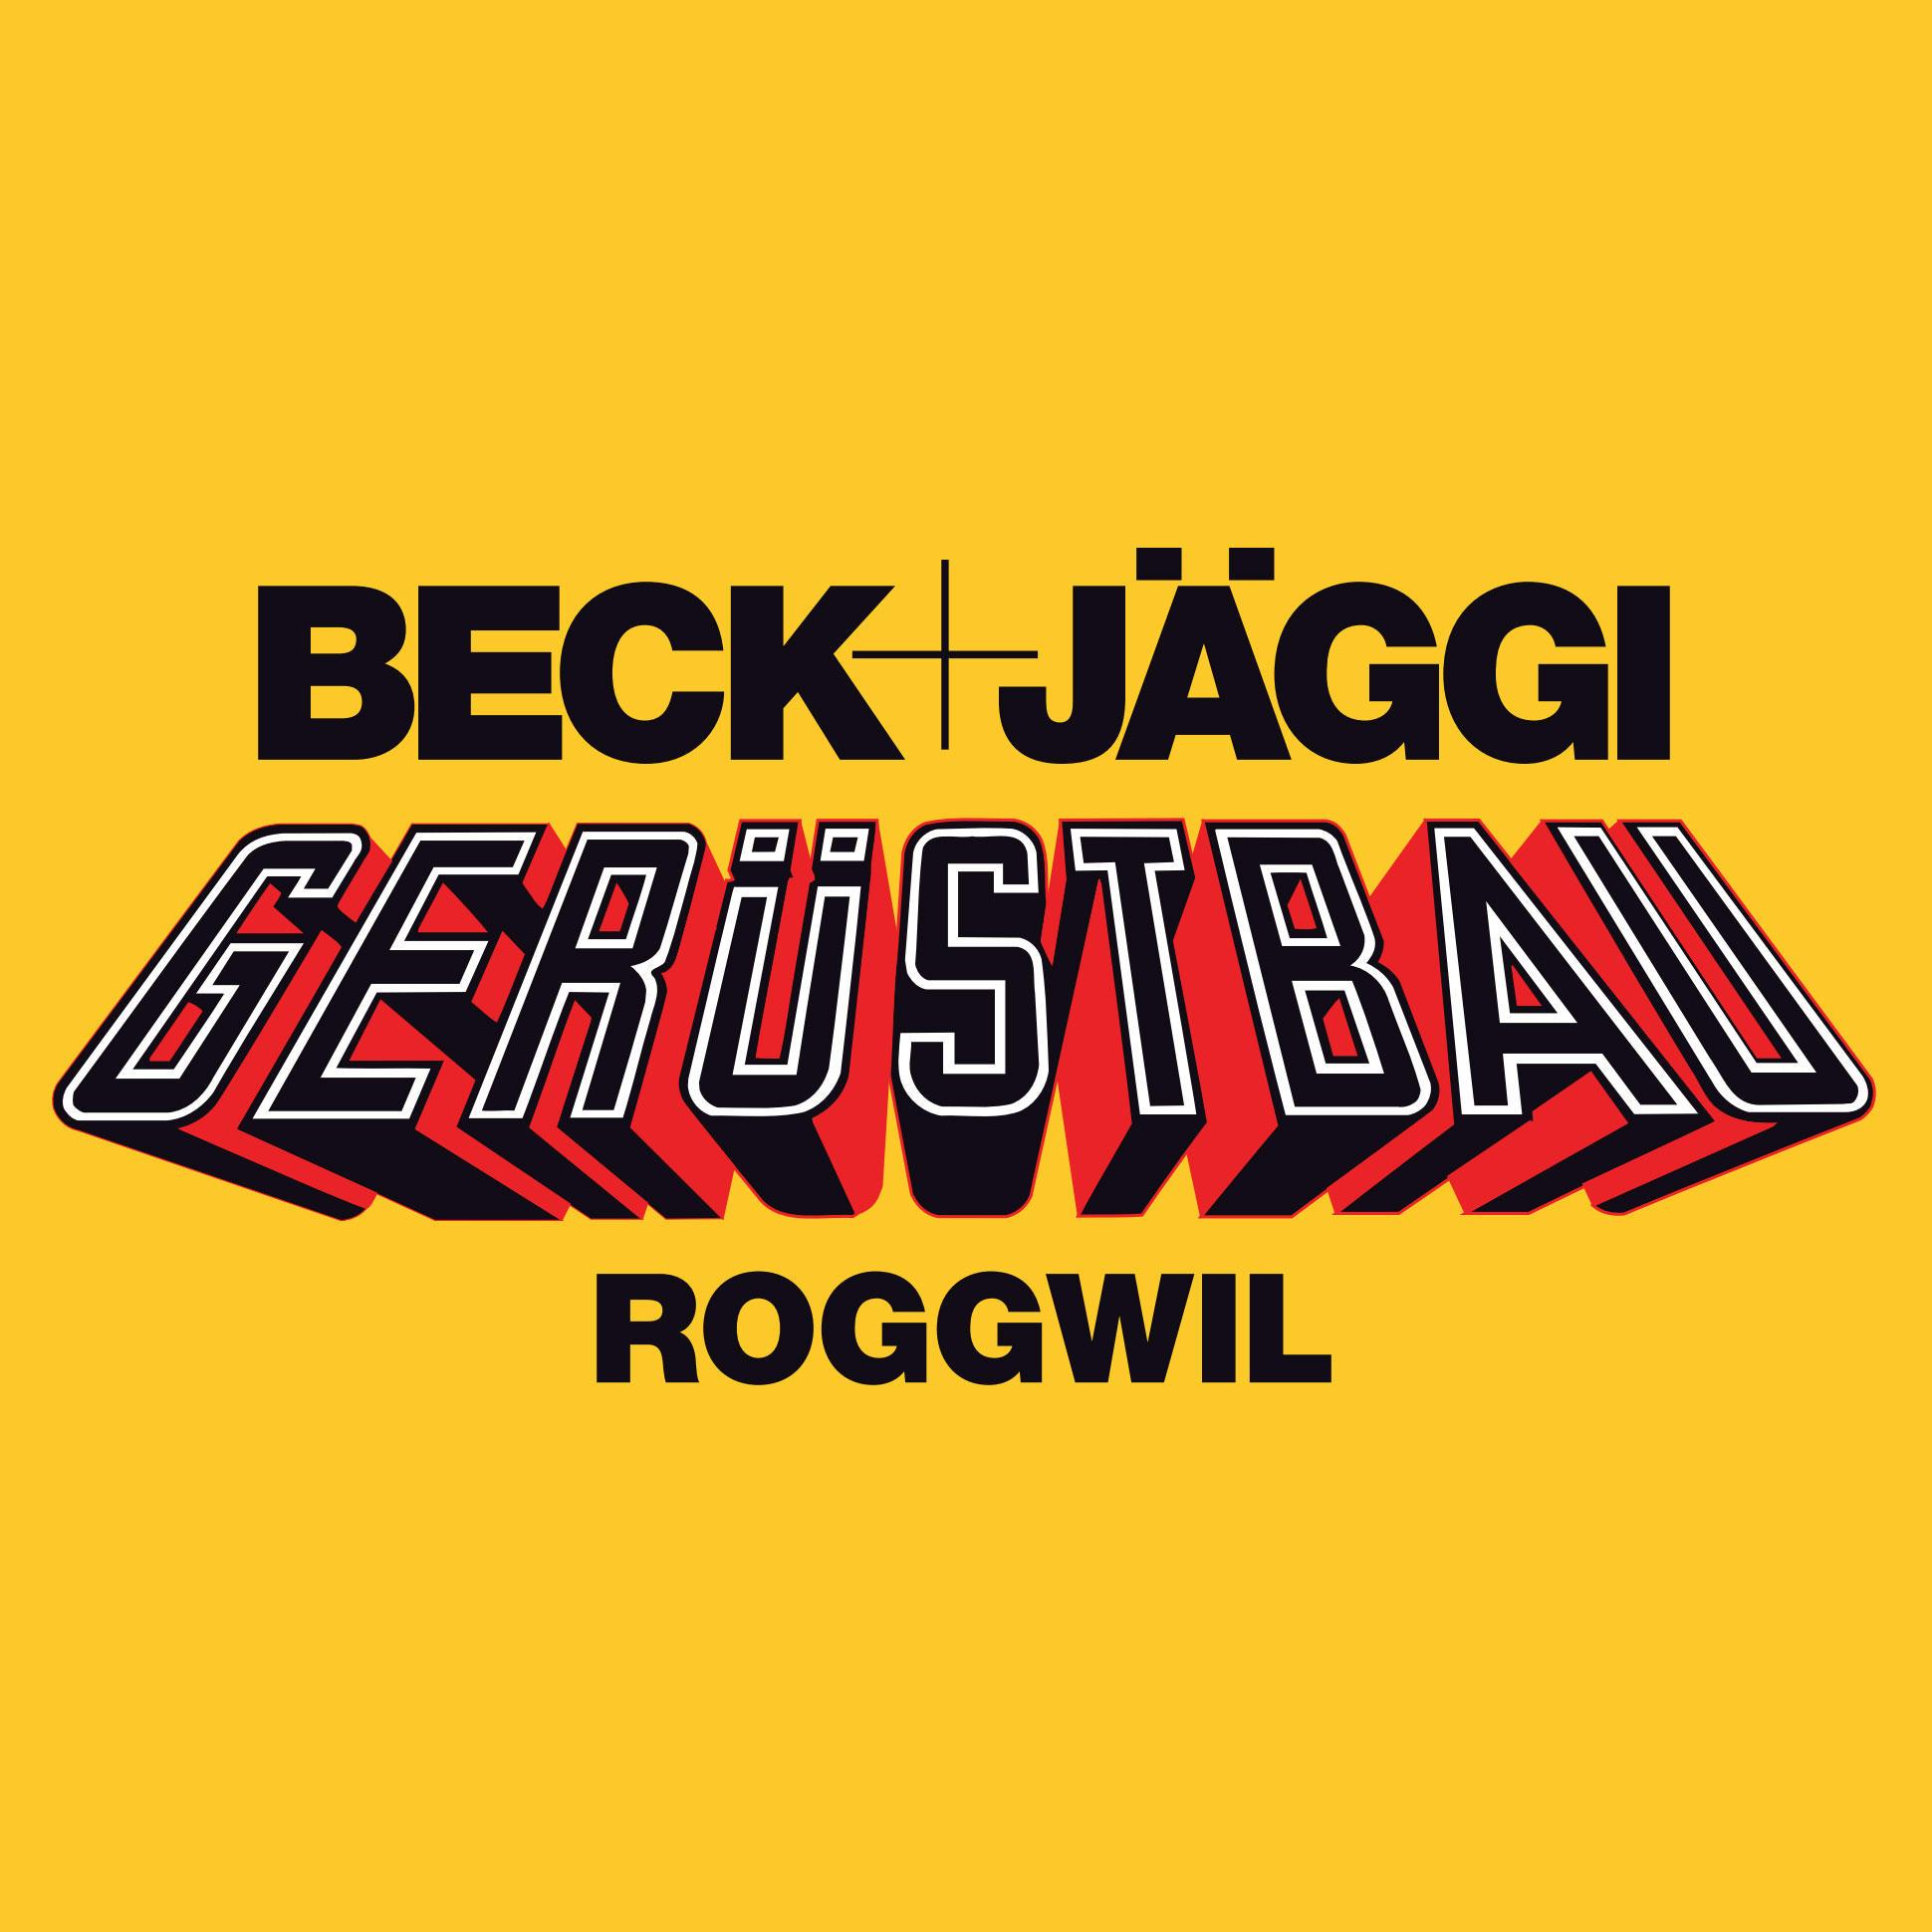 Beck & Jäggi Gerüstbau AG